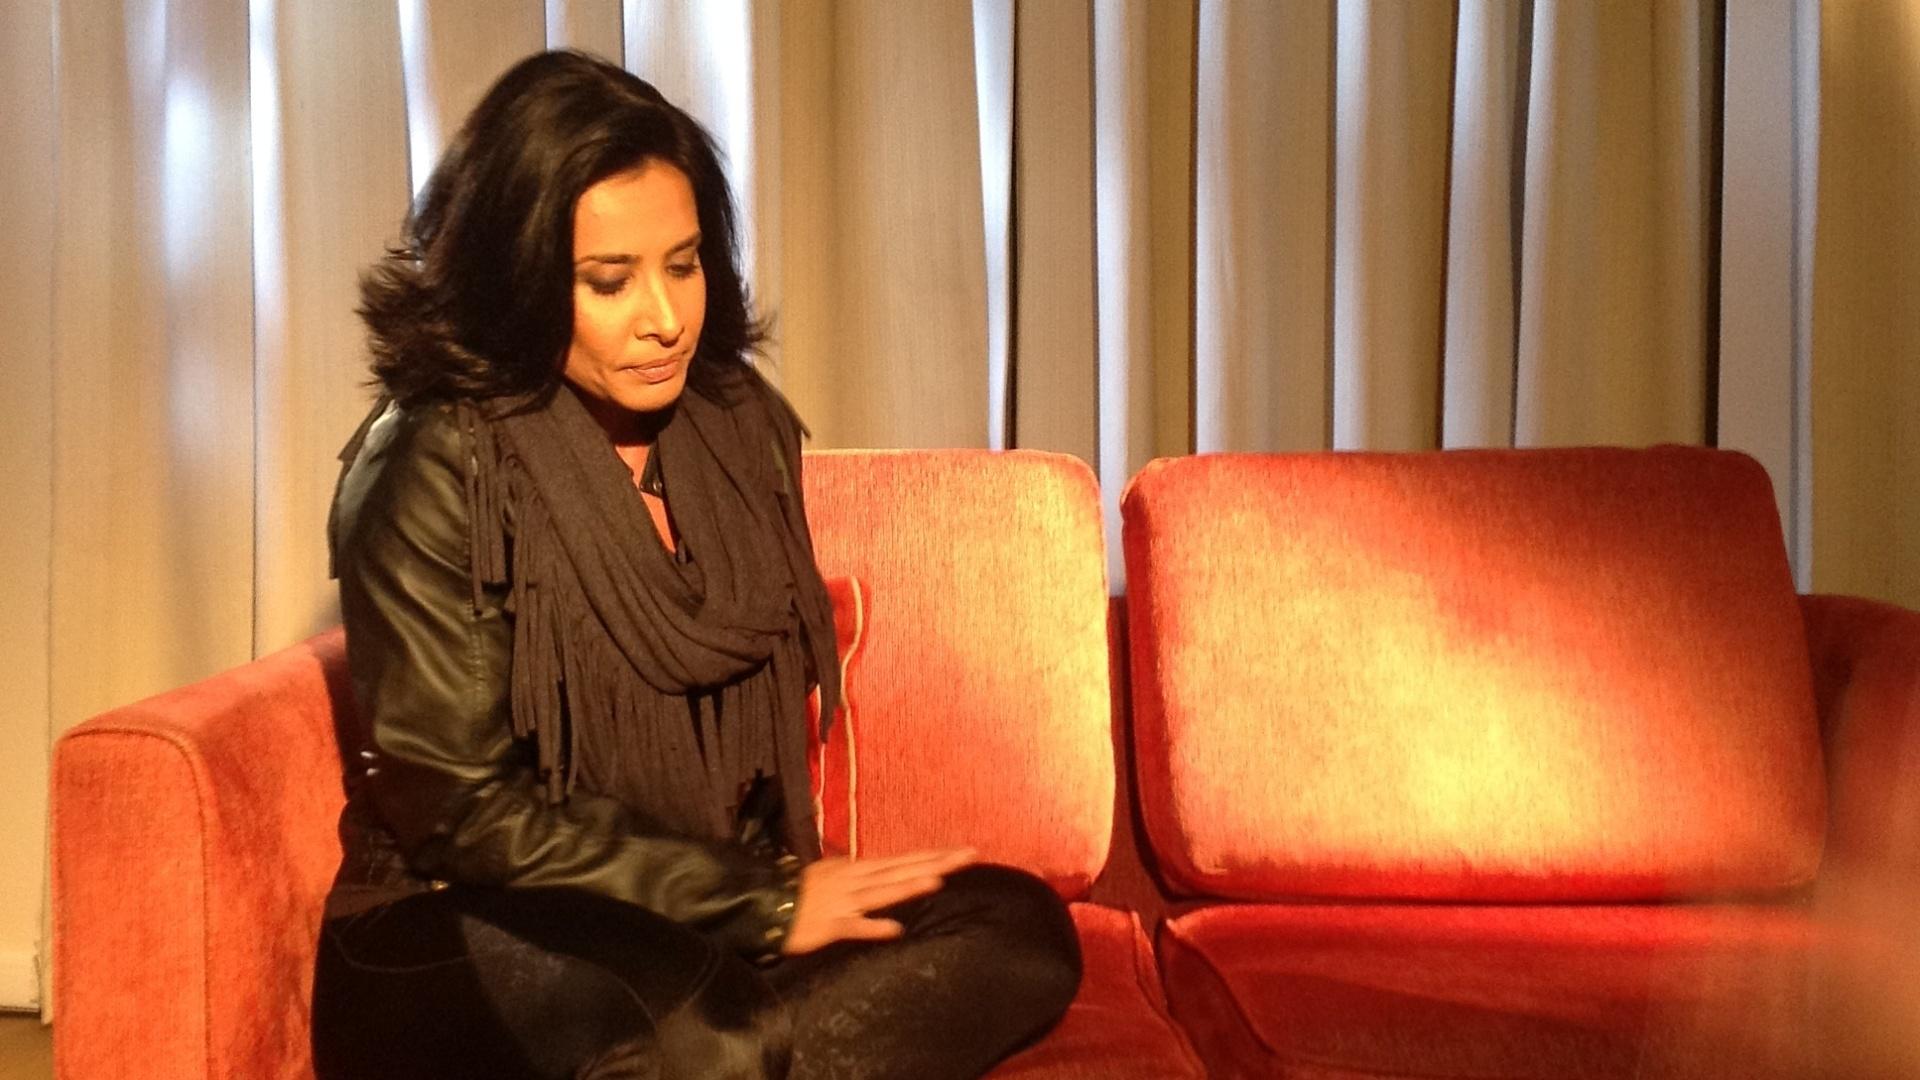 Scheila Carvalho fala sobre traição de Tony Salles no